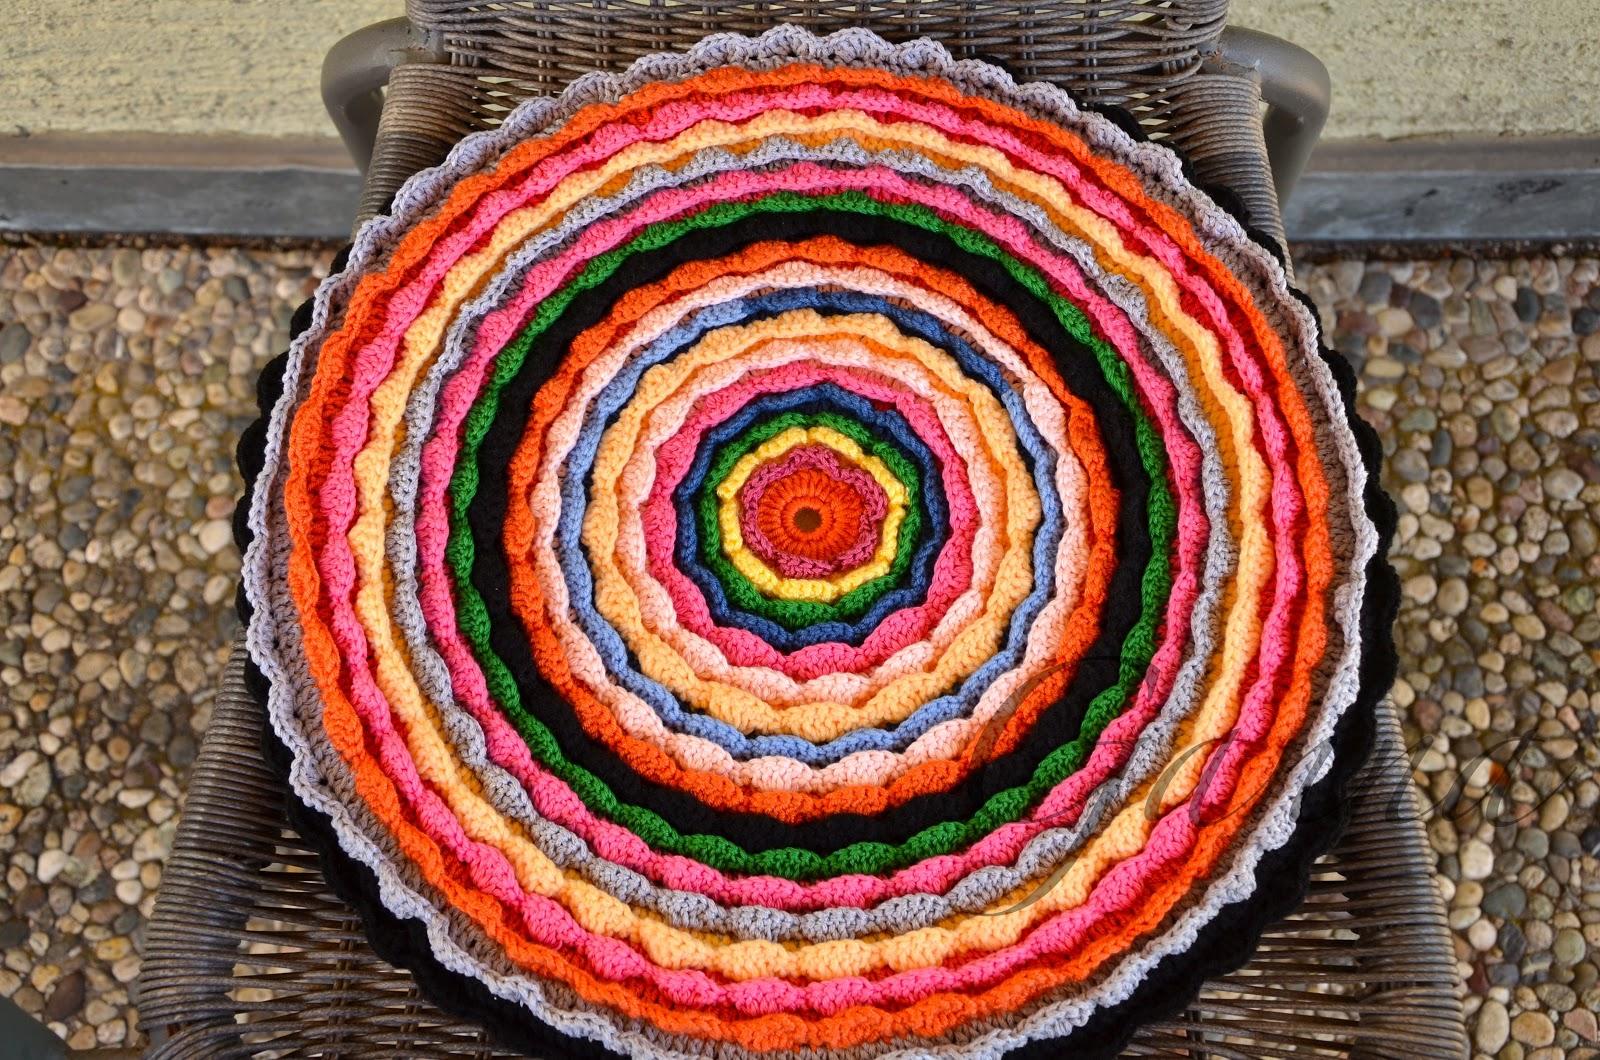 Вязание крючком из остатков пряжи коврик 90